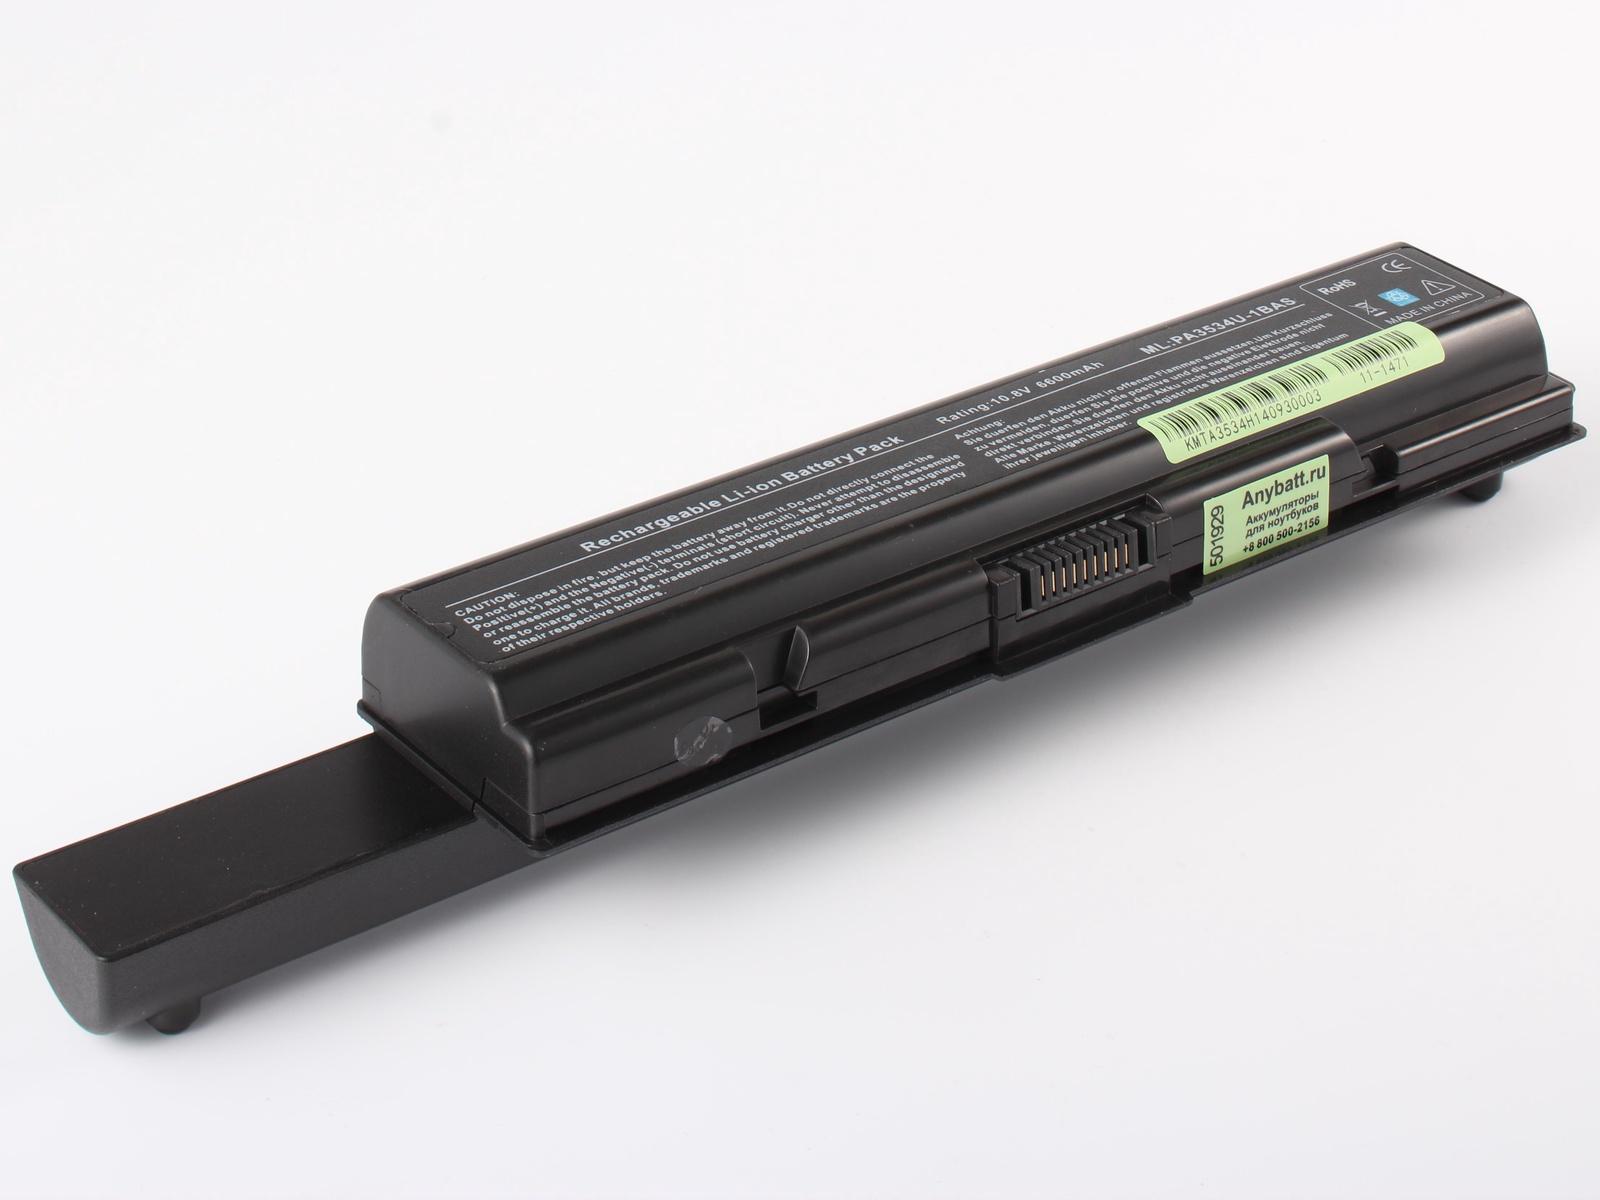 Аккумулятор для ноутбука AnyBatt для ToshiBa Satellite L450D-13J, Satellite A200-1IW, Satellite A200-23N, Satellite A300-14T, Satellite A300-214, Satellite L500-12V, Satellite L555, Satellite L500-1GD, Satellite A210-15K цена